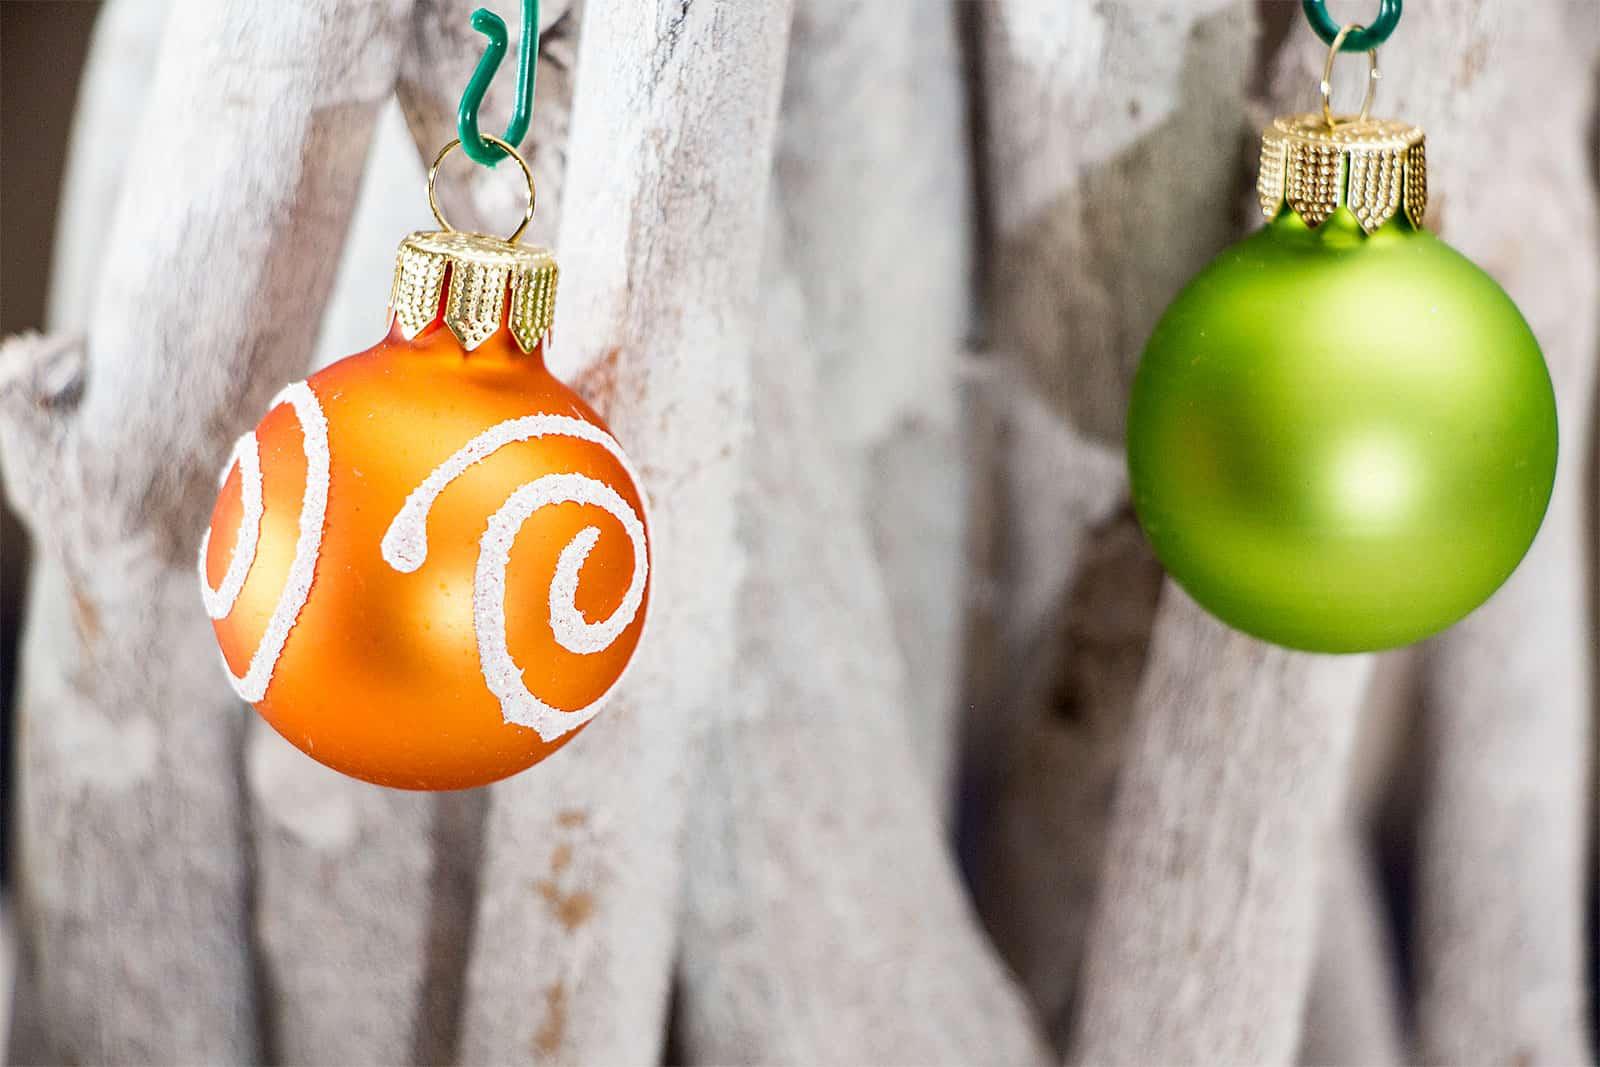 Dekotrend Weihnachten 2019.Weihnachtsfarben 2019 Trends Für Weihnachtsdeko Weihnachtskugeln